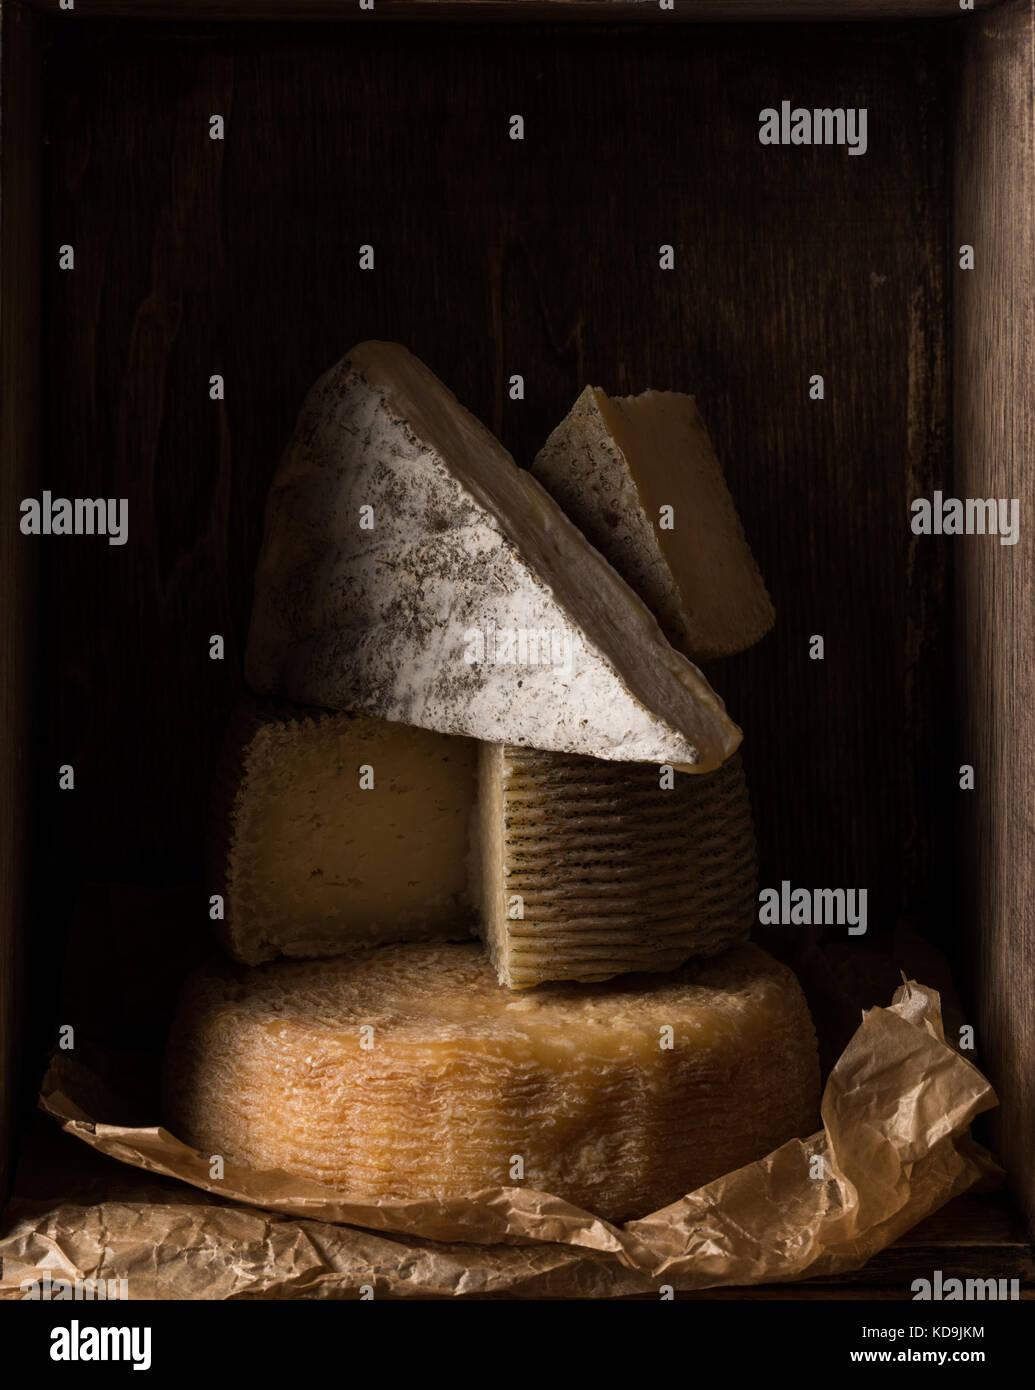 Caja de madera con diferentes tipos de queso inicio Foto de stock